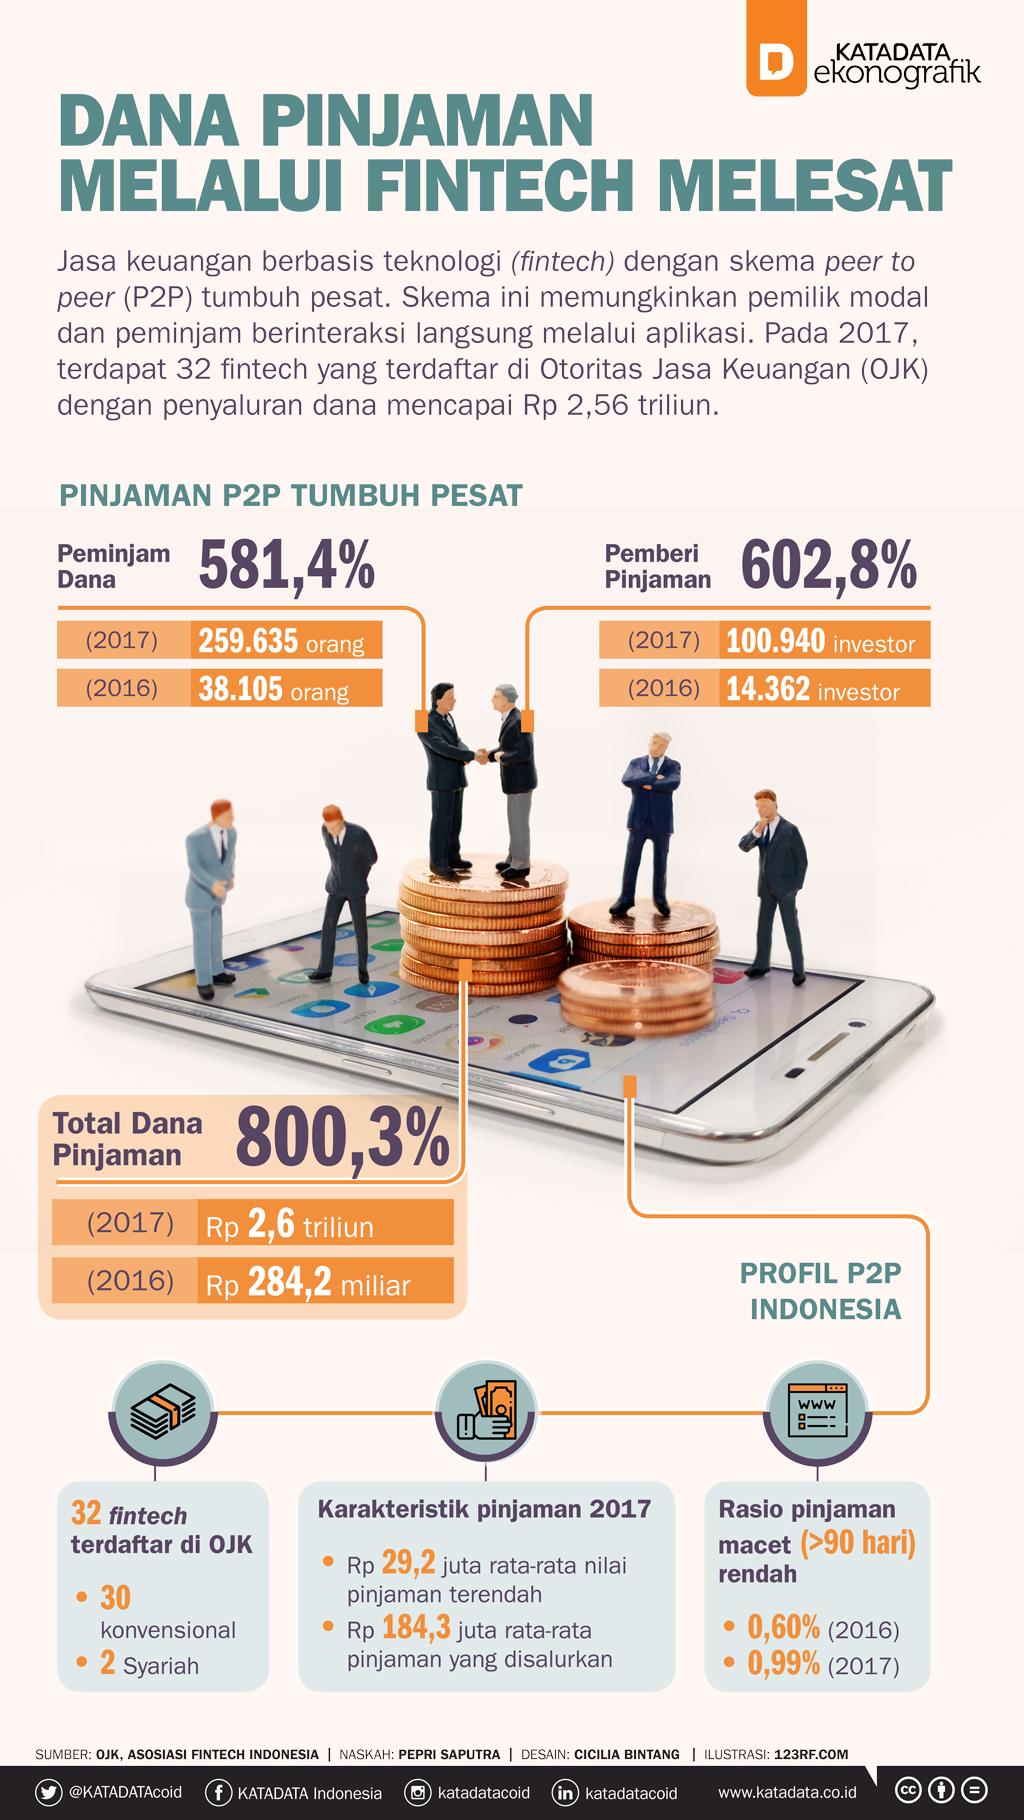 Pinjaman Fintech